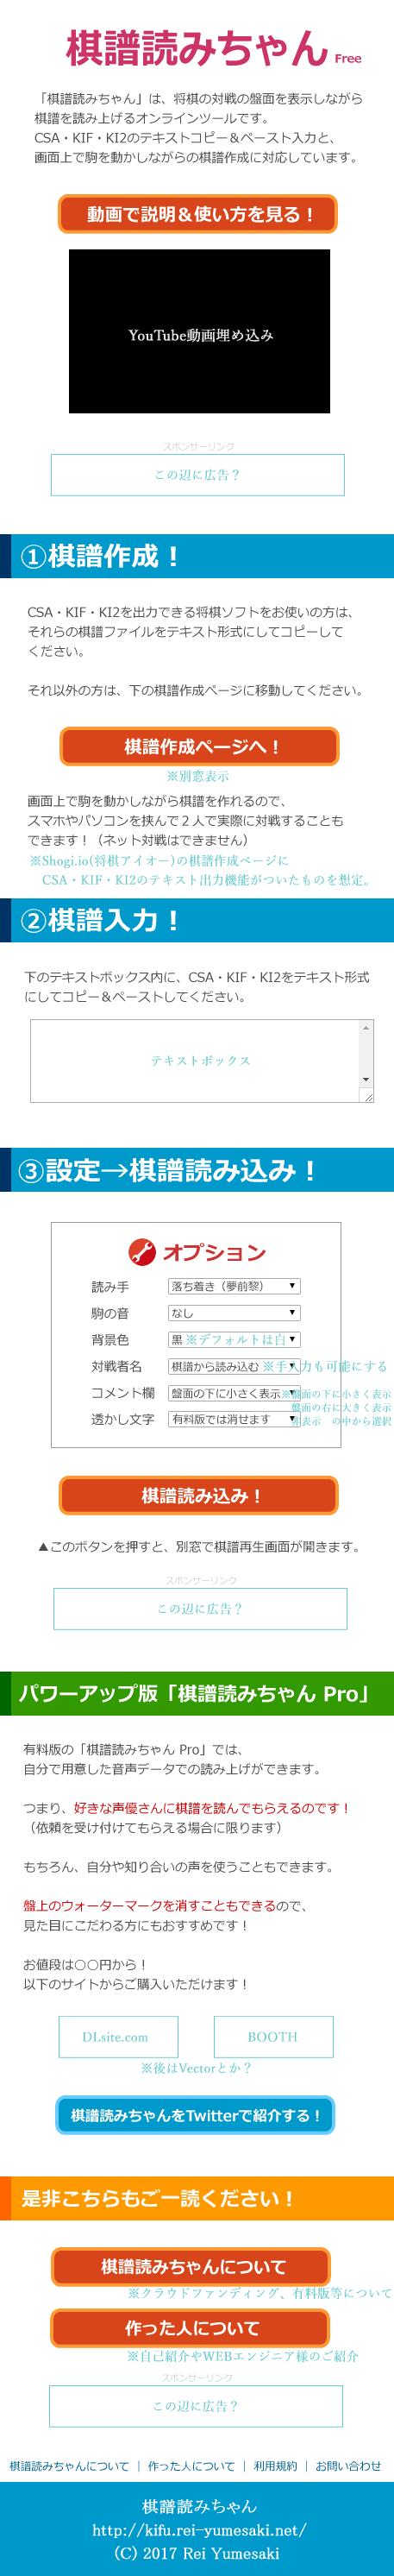 kifuyomi-ver4-1.png